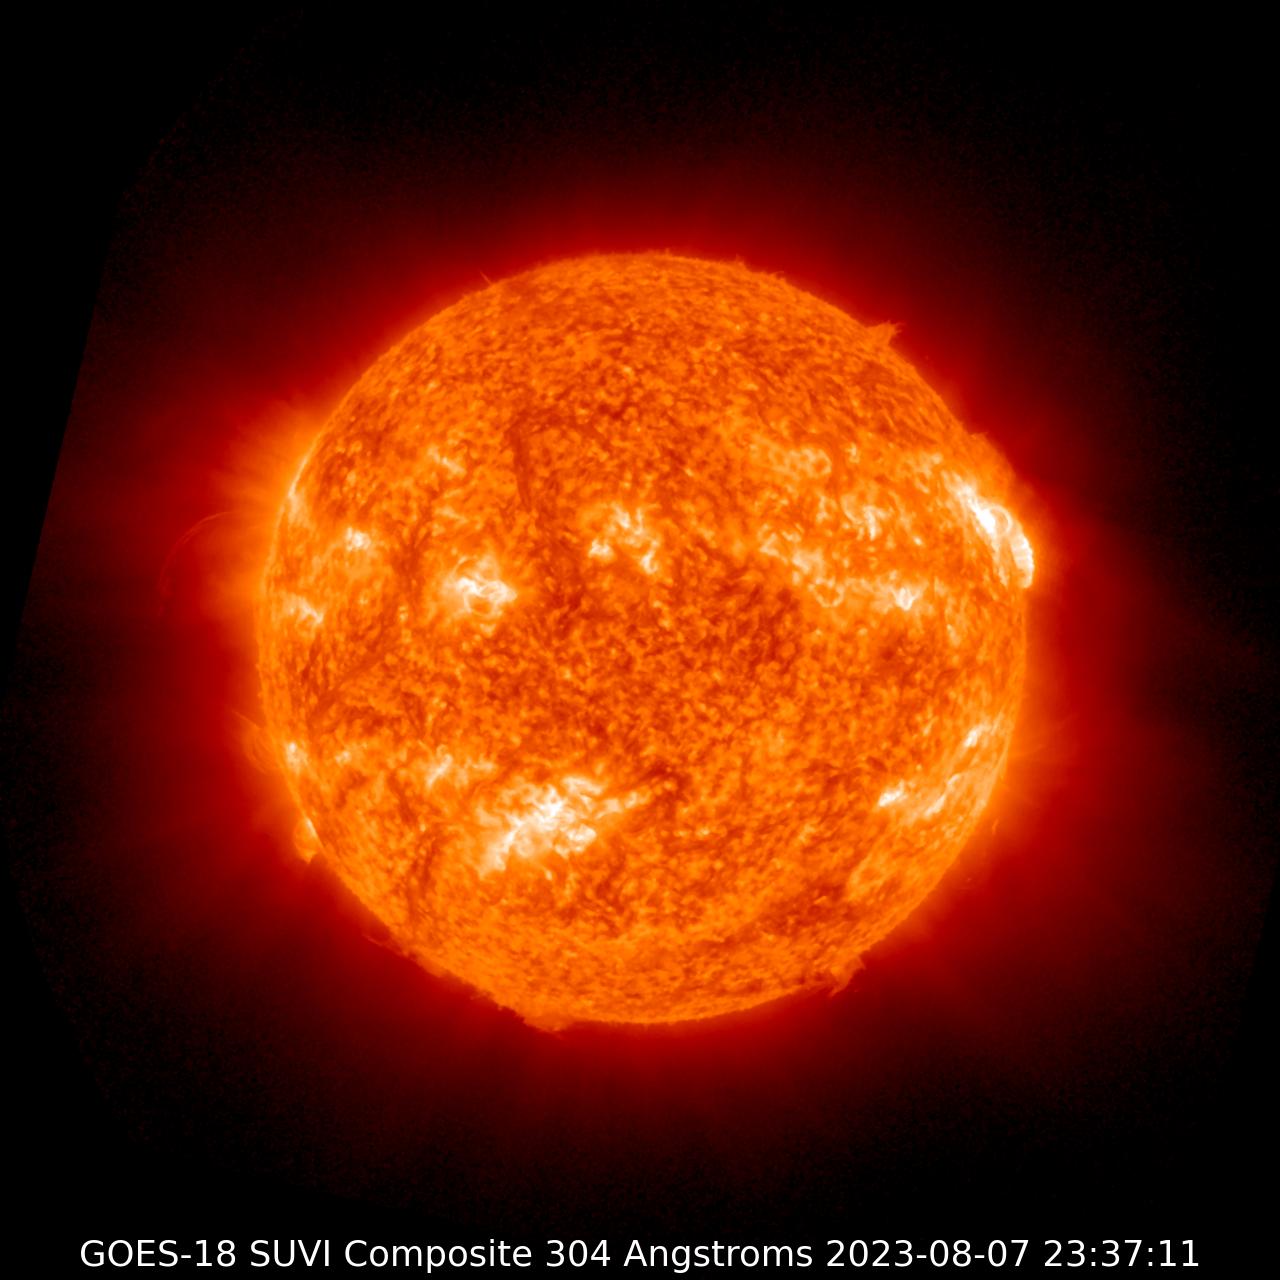 GOES-17 SUVI 304